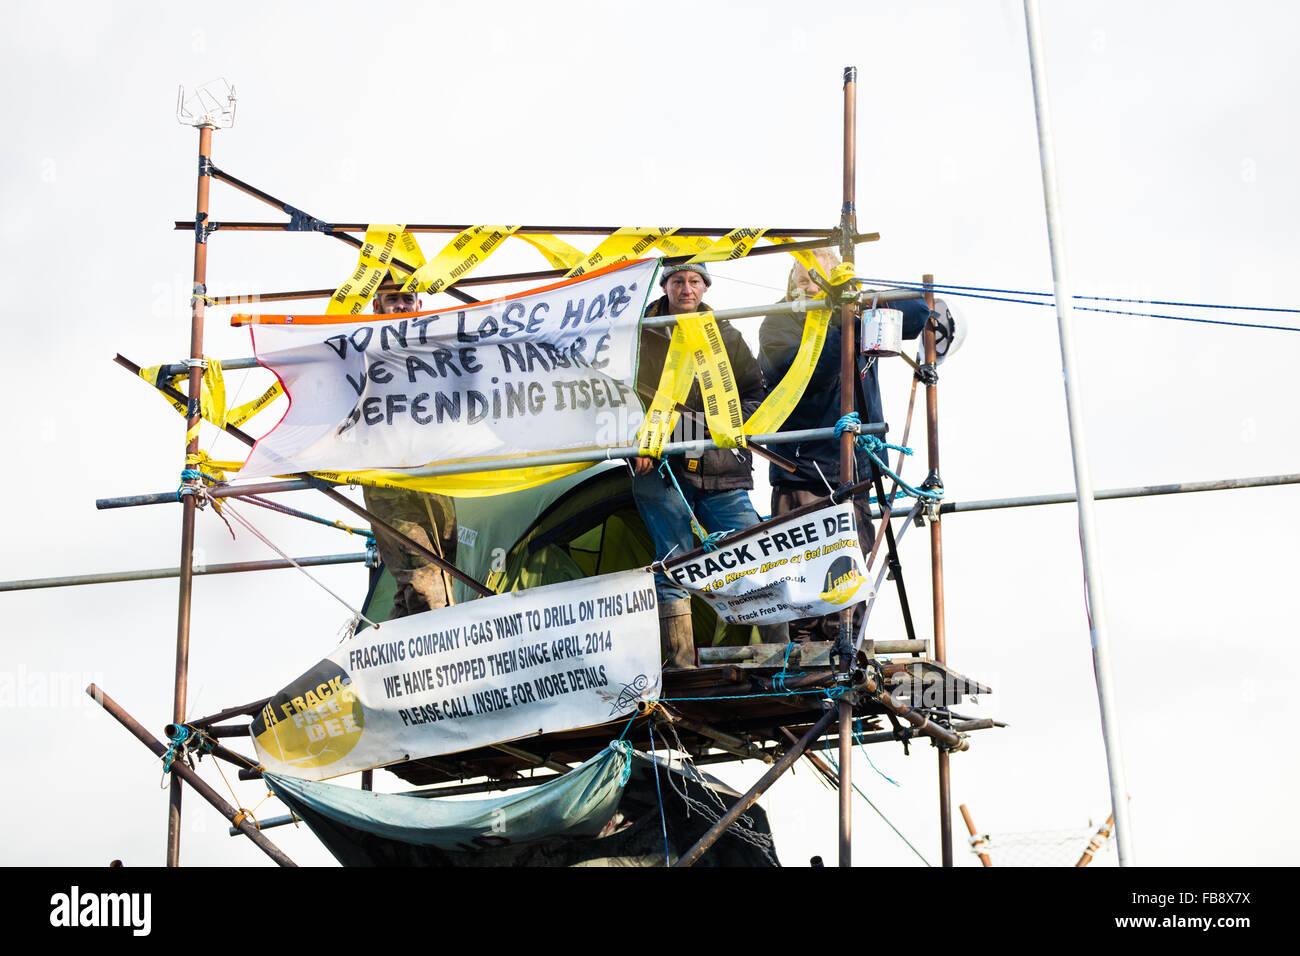 Upton, Cheshire. 12 Jan, 2016. Les manifestants verrouillé sur une tour à Upton camp anti fracturation hydraulique que les huissiers et policemove dans d'expulser le camp Crédit: Jason Smalley / Alamy Live News Banque D'Images